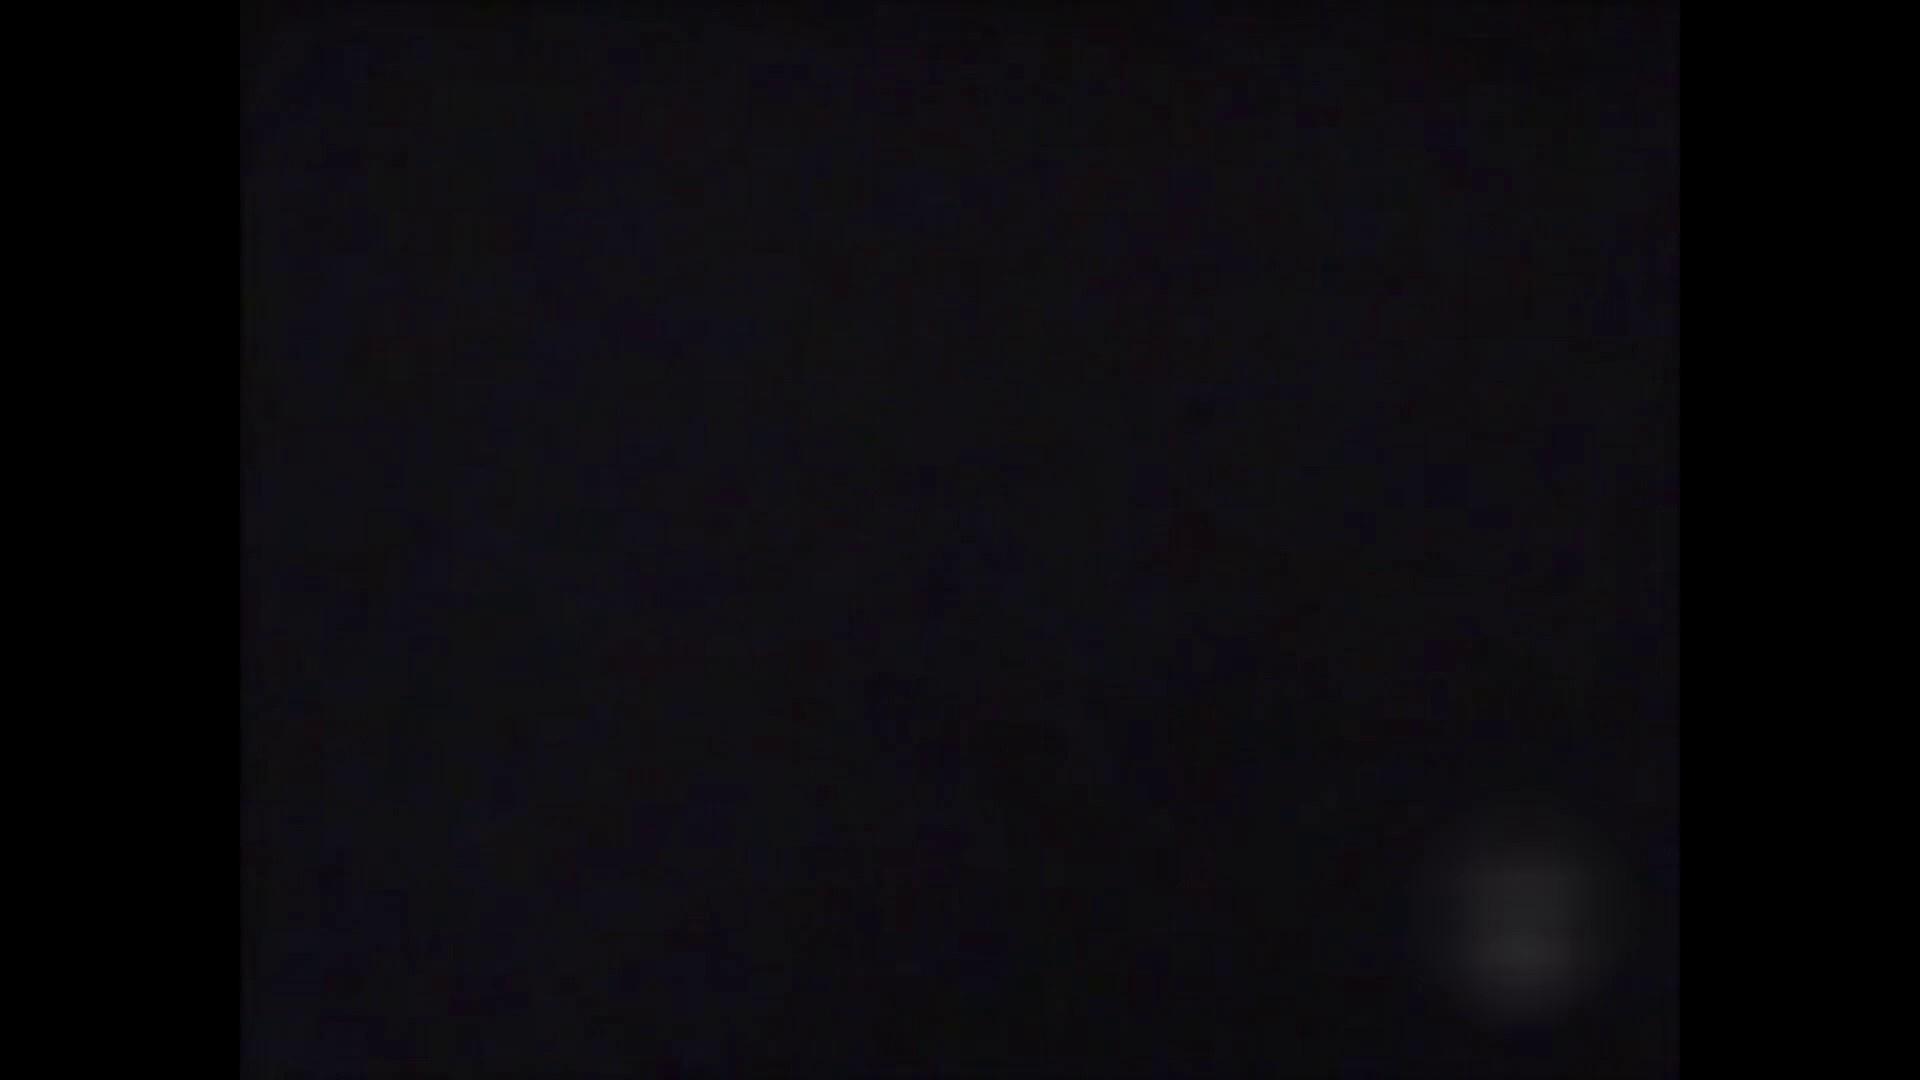 闇の性獣 レ●プ闇の事件簿 企画 | 期間限定  79連発 73